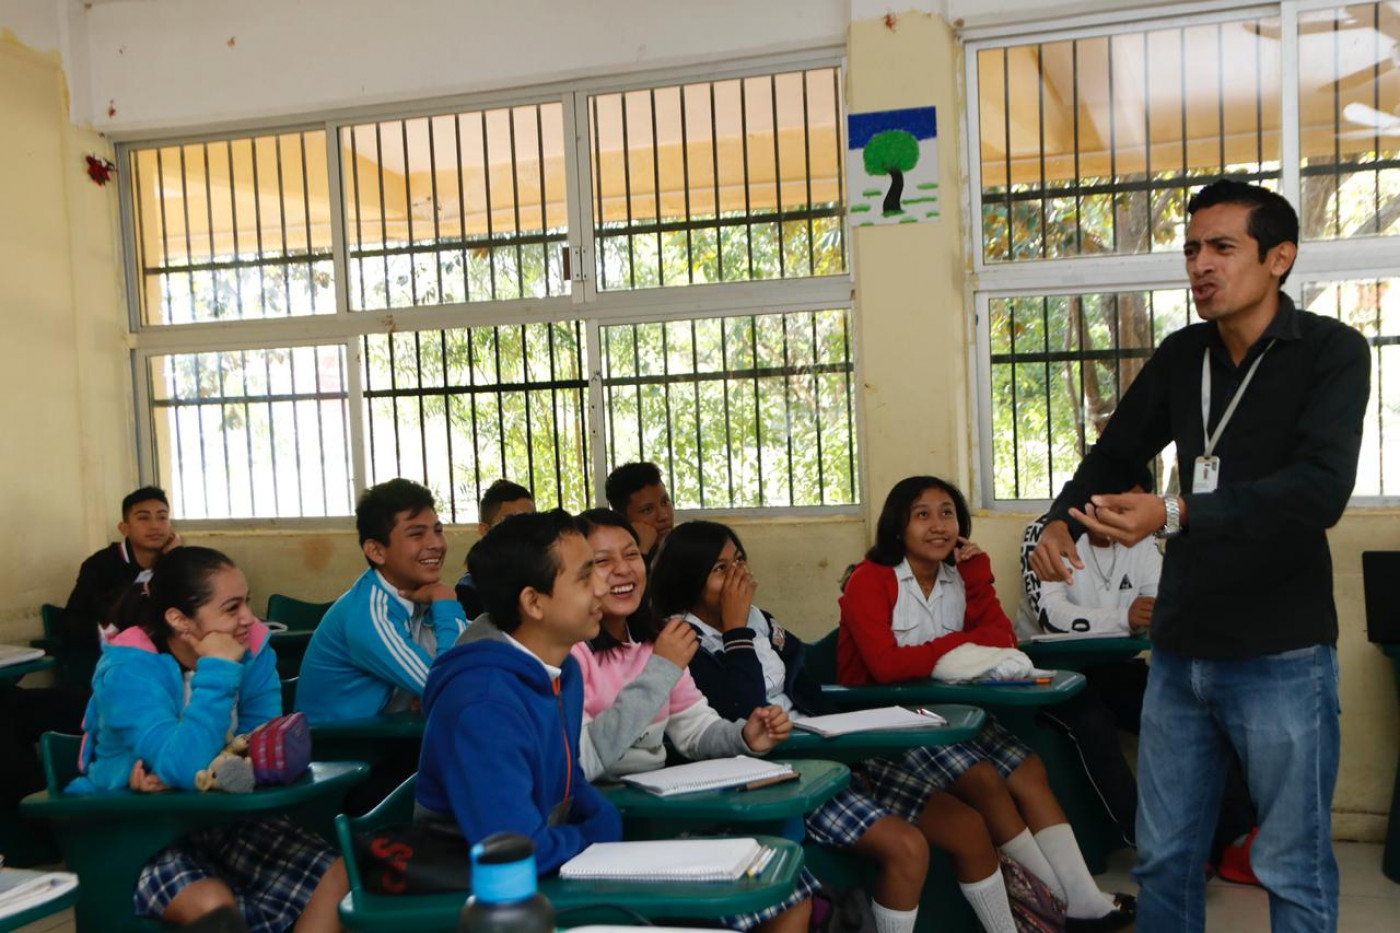 Visita a la escuela secundaria Técnica #50 ubicada en el municipio de Tekit